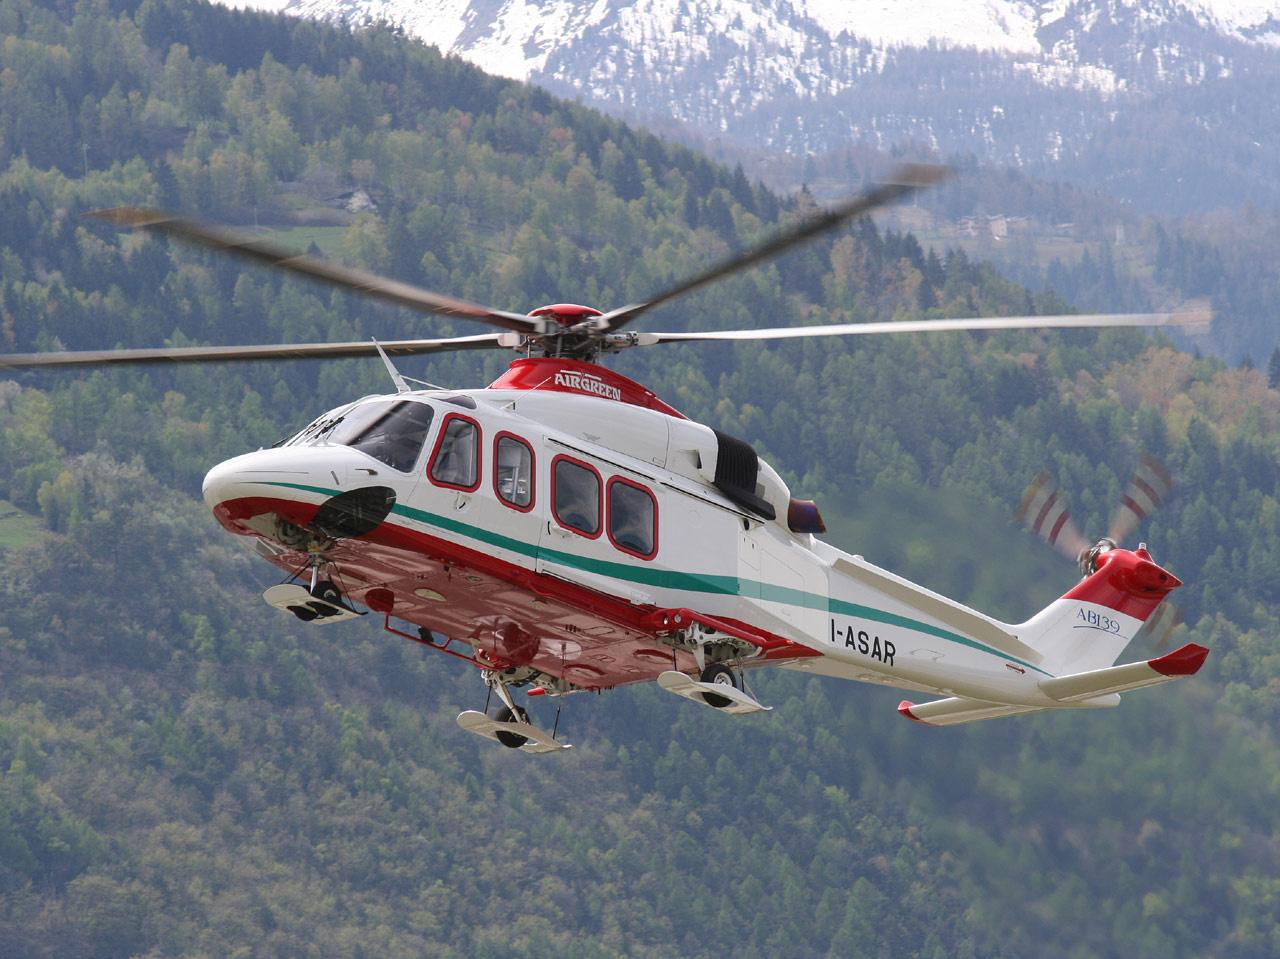 Elicottero Aw139 : Caduto un elicottero del sei morti metro news